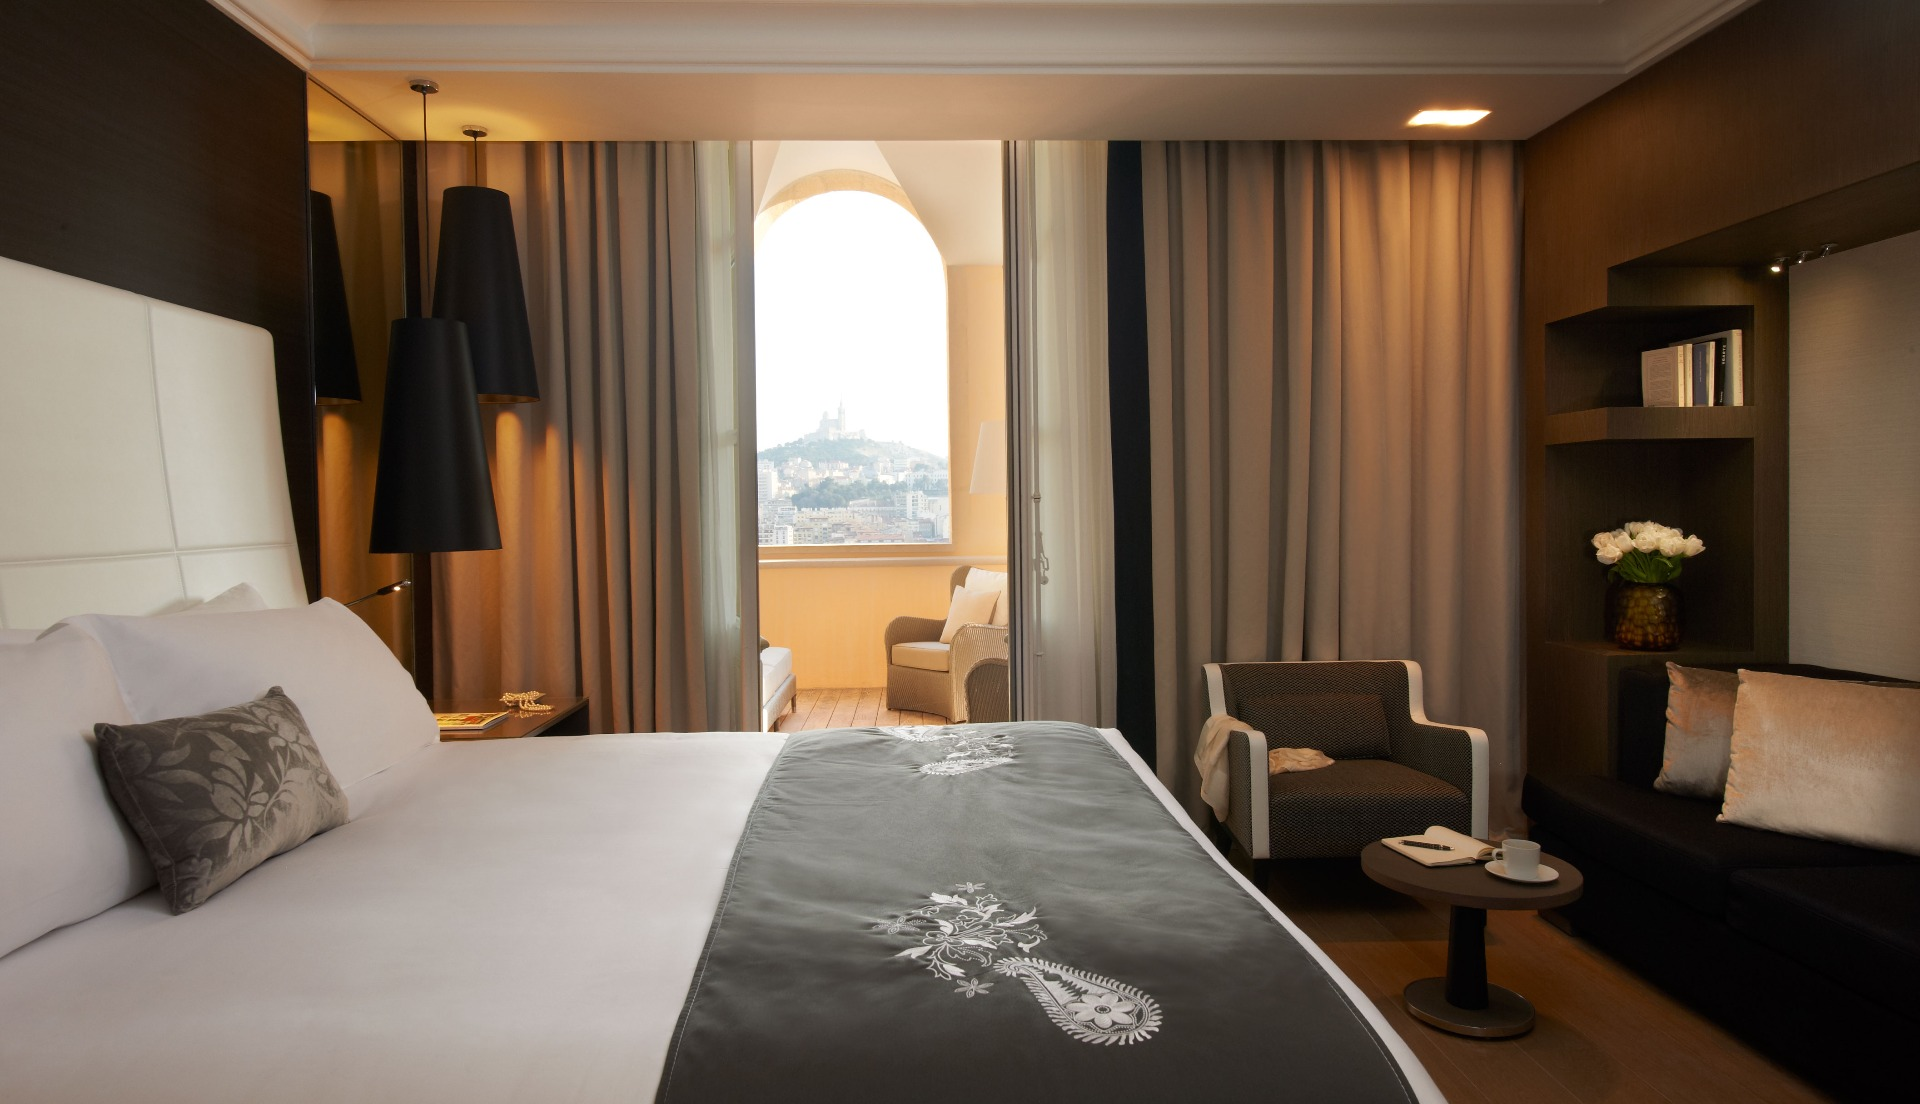 Marseille Intercontinental